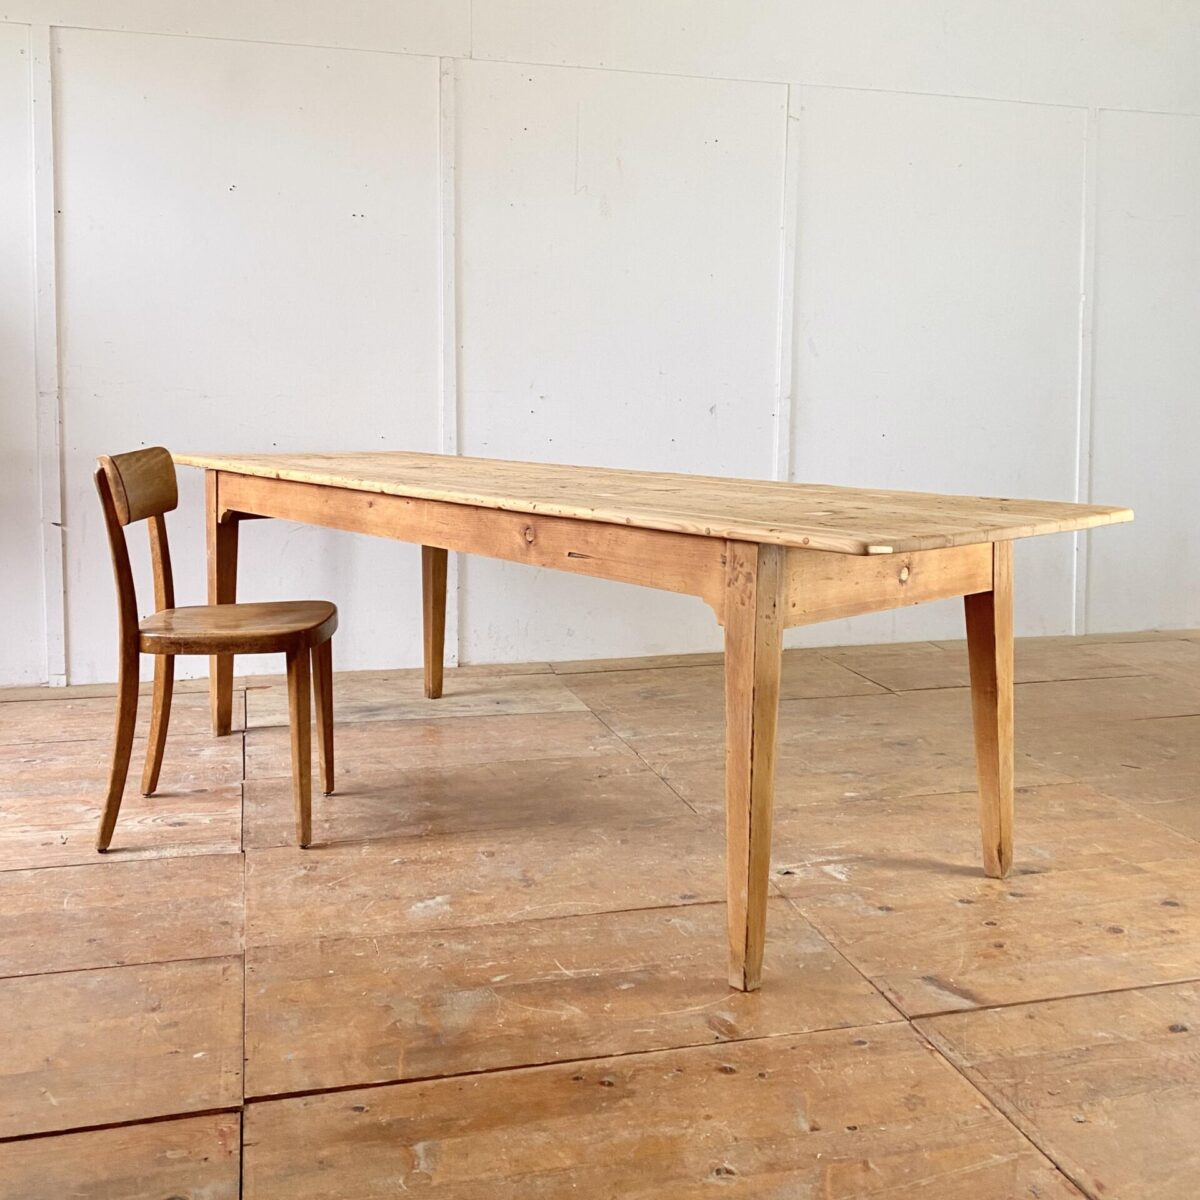 Deuxieme.shop Alter Beizentisch Designklassiker Tannenholz Biedermeiertisch mit Buchenholz Beinen. 253x82cm Höhe 76cm. Tischbeine etwas verzogen aber alles in stabilem Zustand. Das Tischblatt ist ein recht verbrauchtes Flickwerk, alles fein überarbeitet und stabil. Holzoberflächen mit Naturöl behandelt.